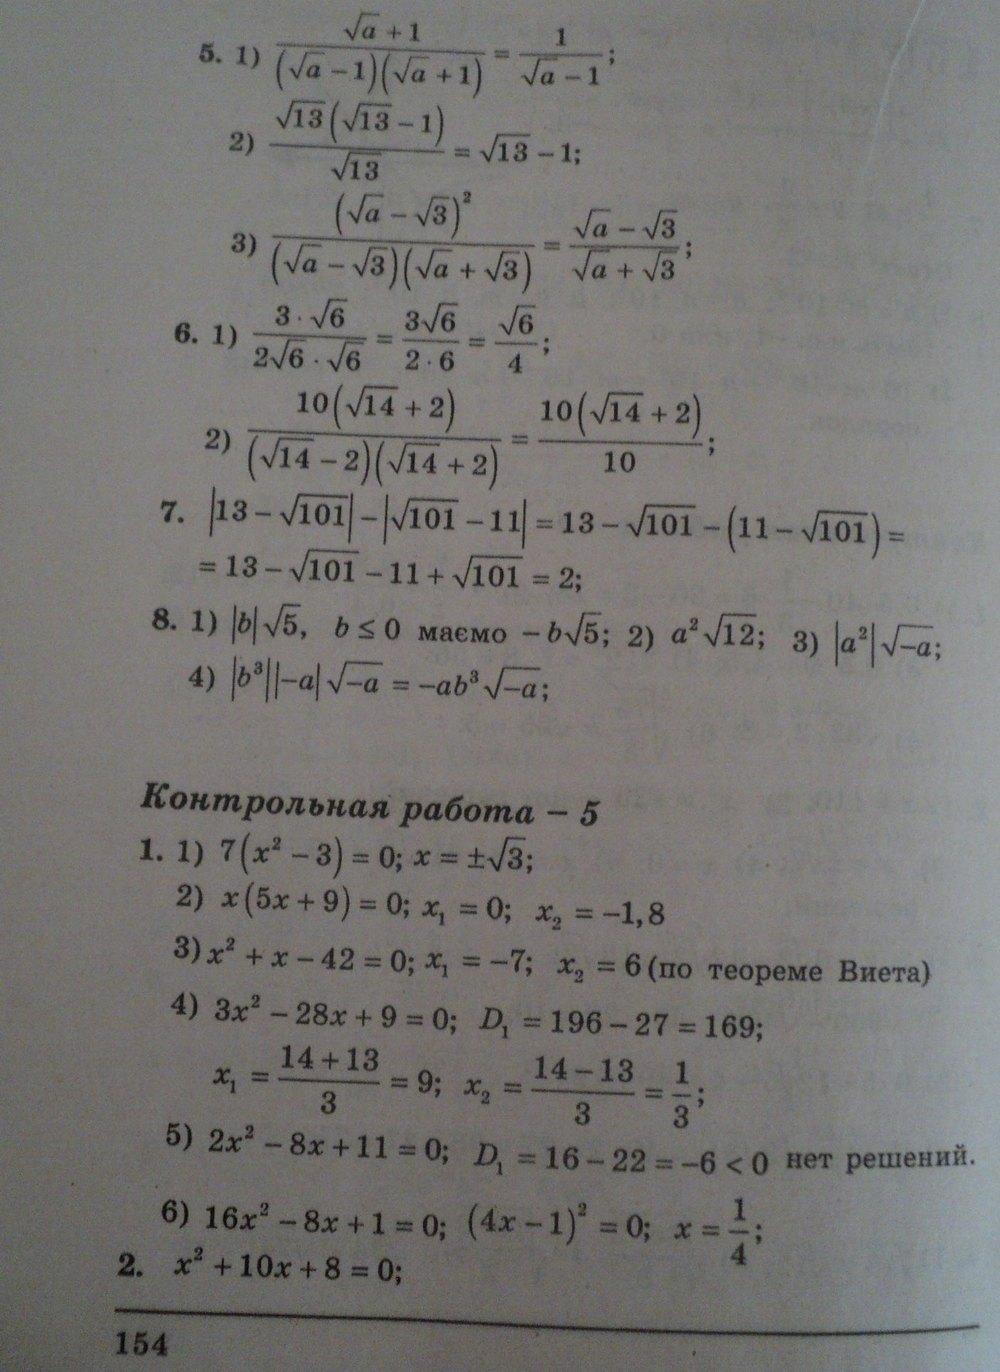 ГДЗ по алгебре 8 класс Щербань П.. Задание: стр. 154